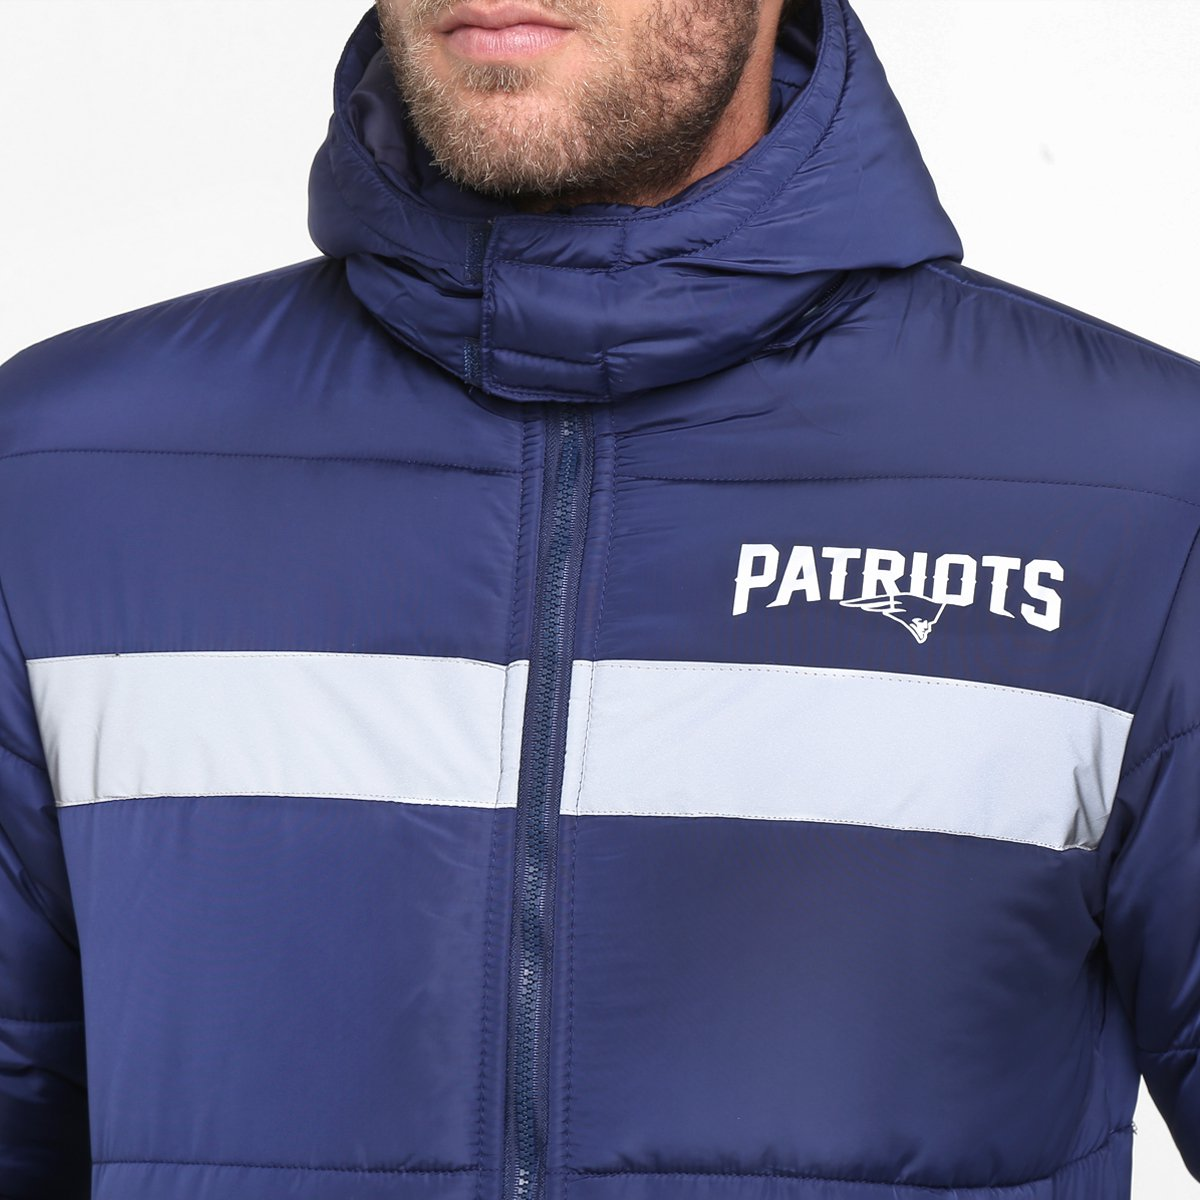 Jaqueta New Era NFL New England Patriots C  Capuz Removível - Compre ... d1a774038bc69